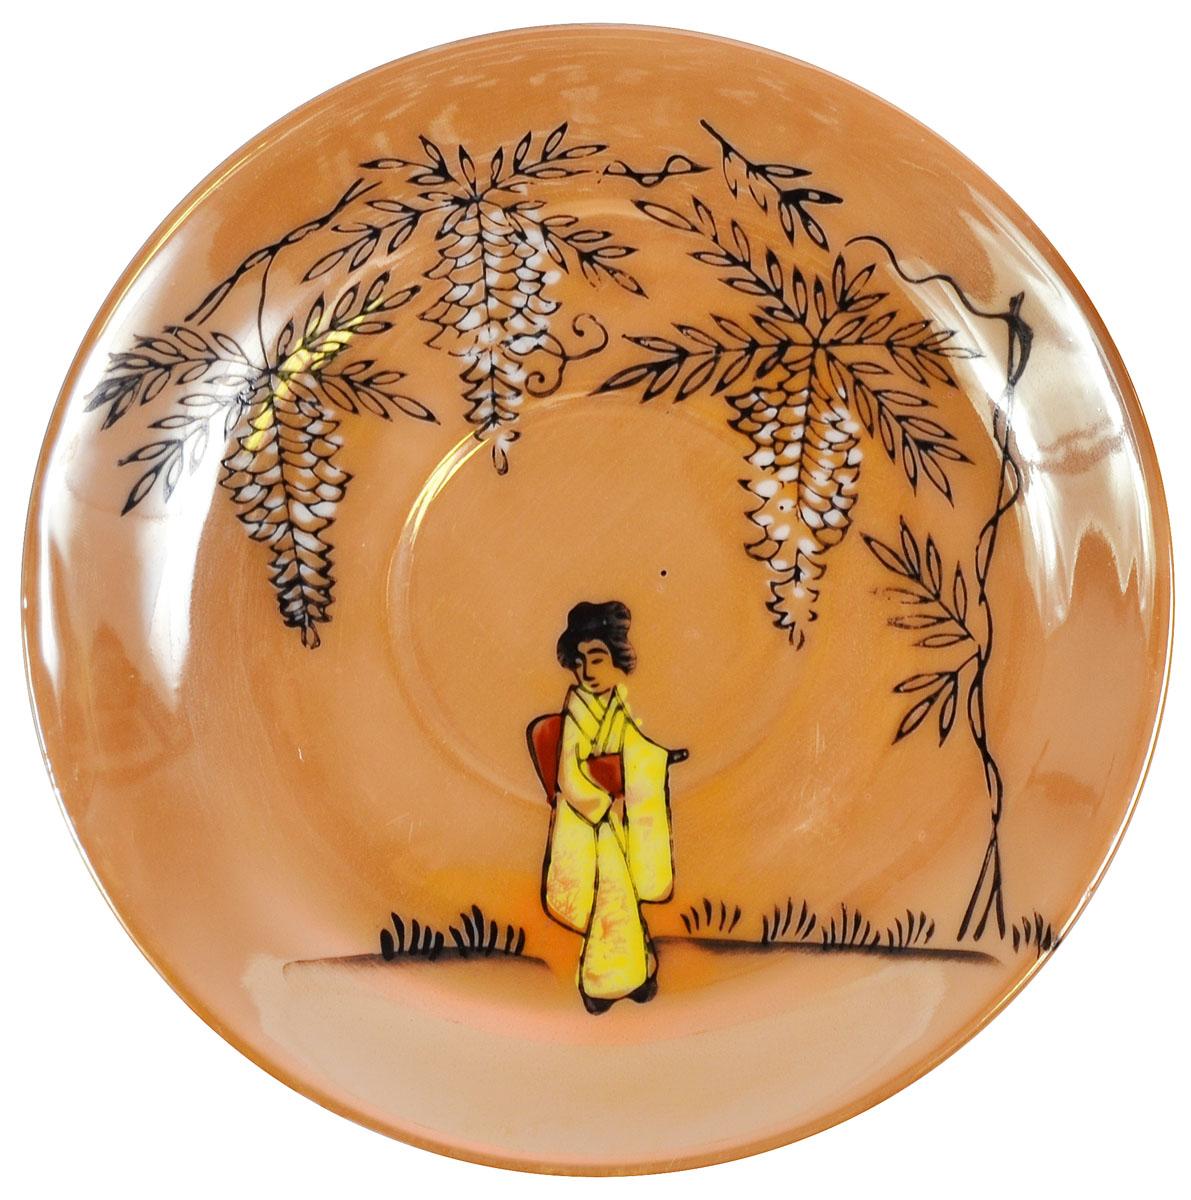 """Блюдце """"Гейша"""". Костяной фарфор, роспись, люстр, ручная работа. Япония, Nippon, 1960 гг.  Диаметр 13 см.  Сохранность очень хорошая. Без сколов, без утрат.  На основании имеется клеймо красного цвета в виде иероглифов Nichi и Hon (Nippon).  Блюдце украшено изображением японки в традиционном кимоно."""